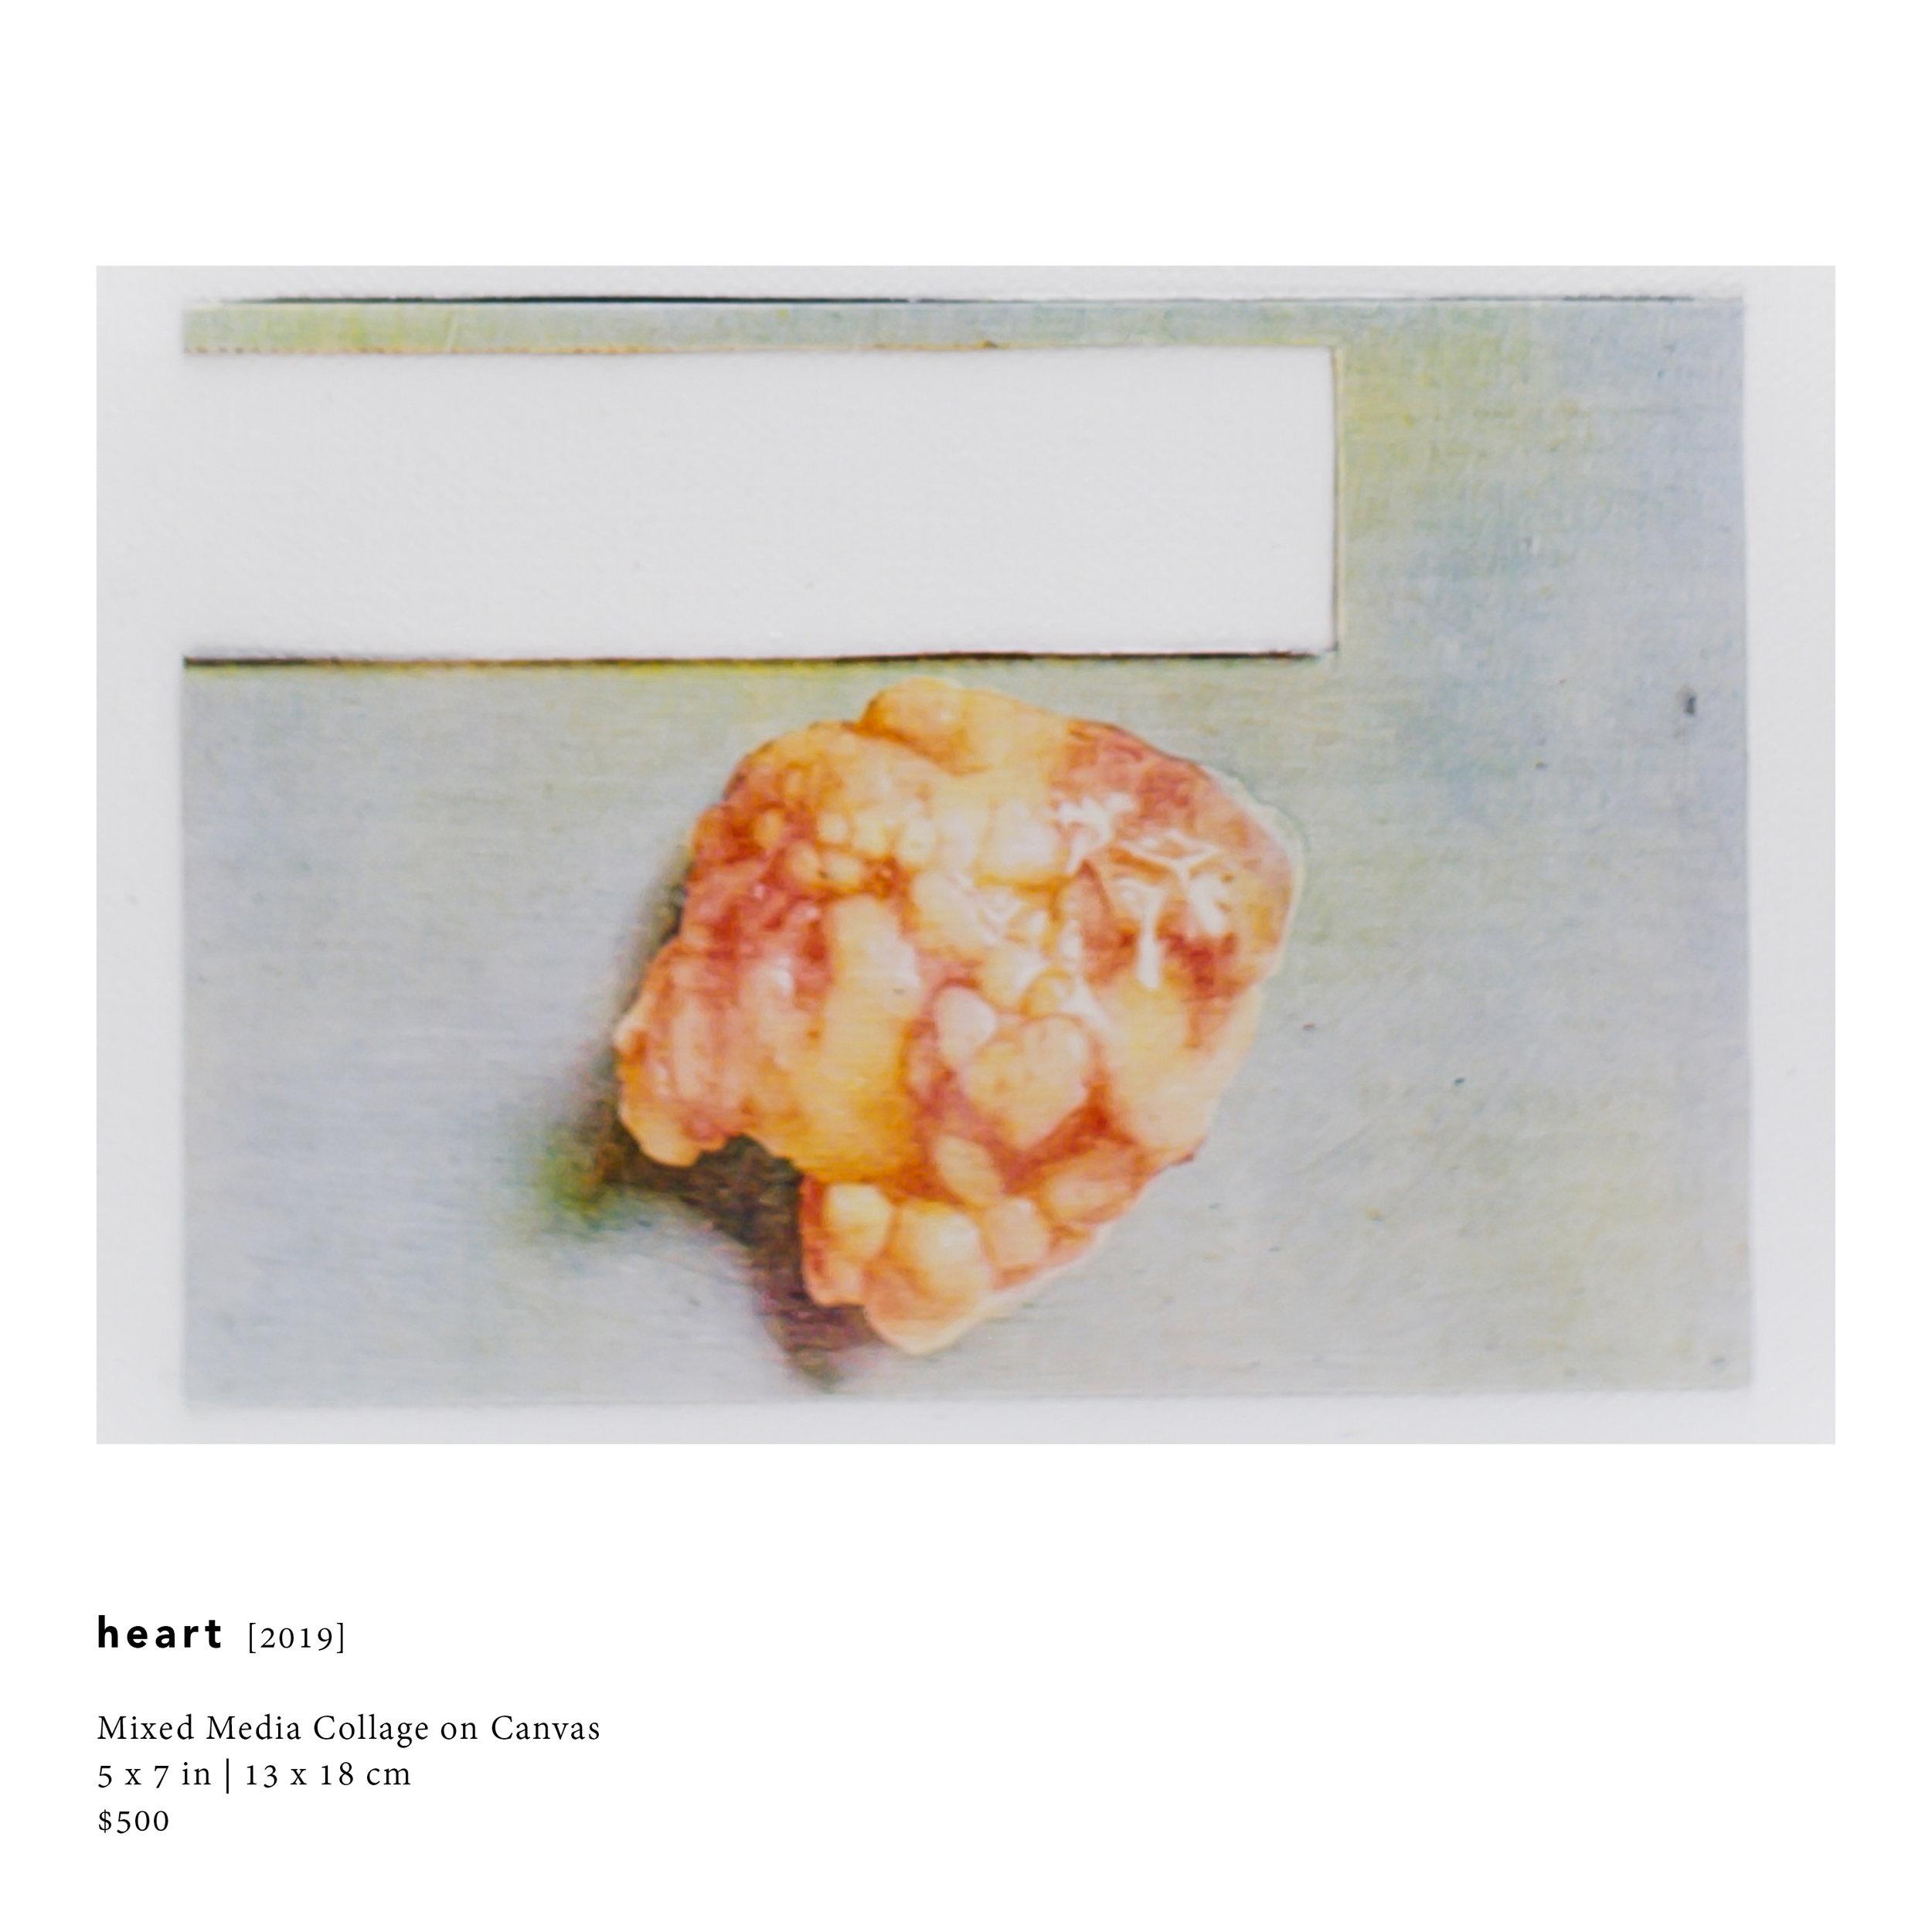 Faena-Inventory-HEYDT-March2019141.jpg